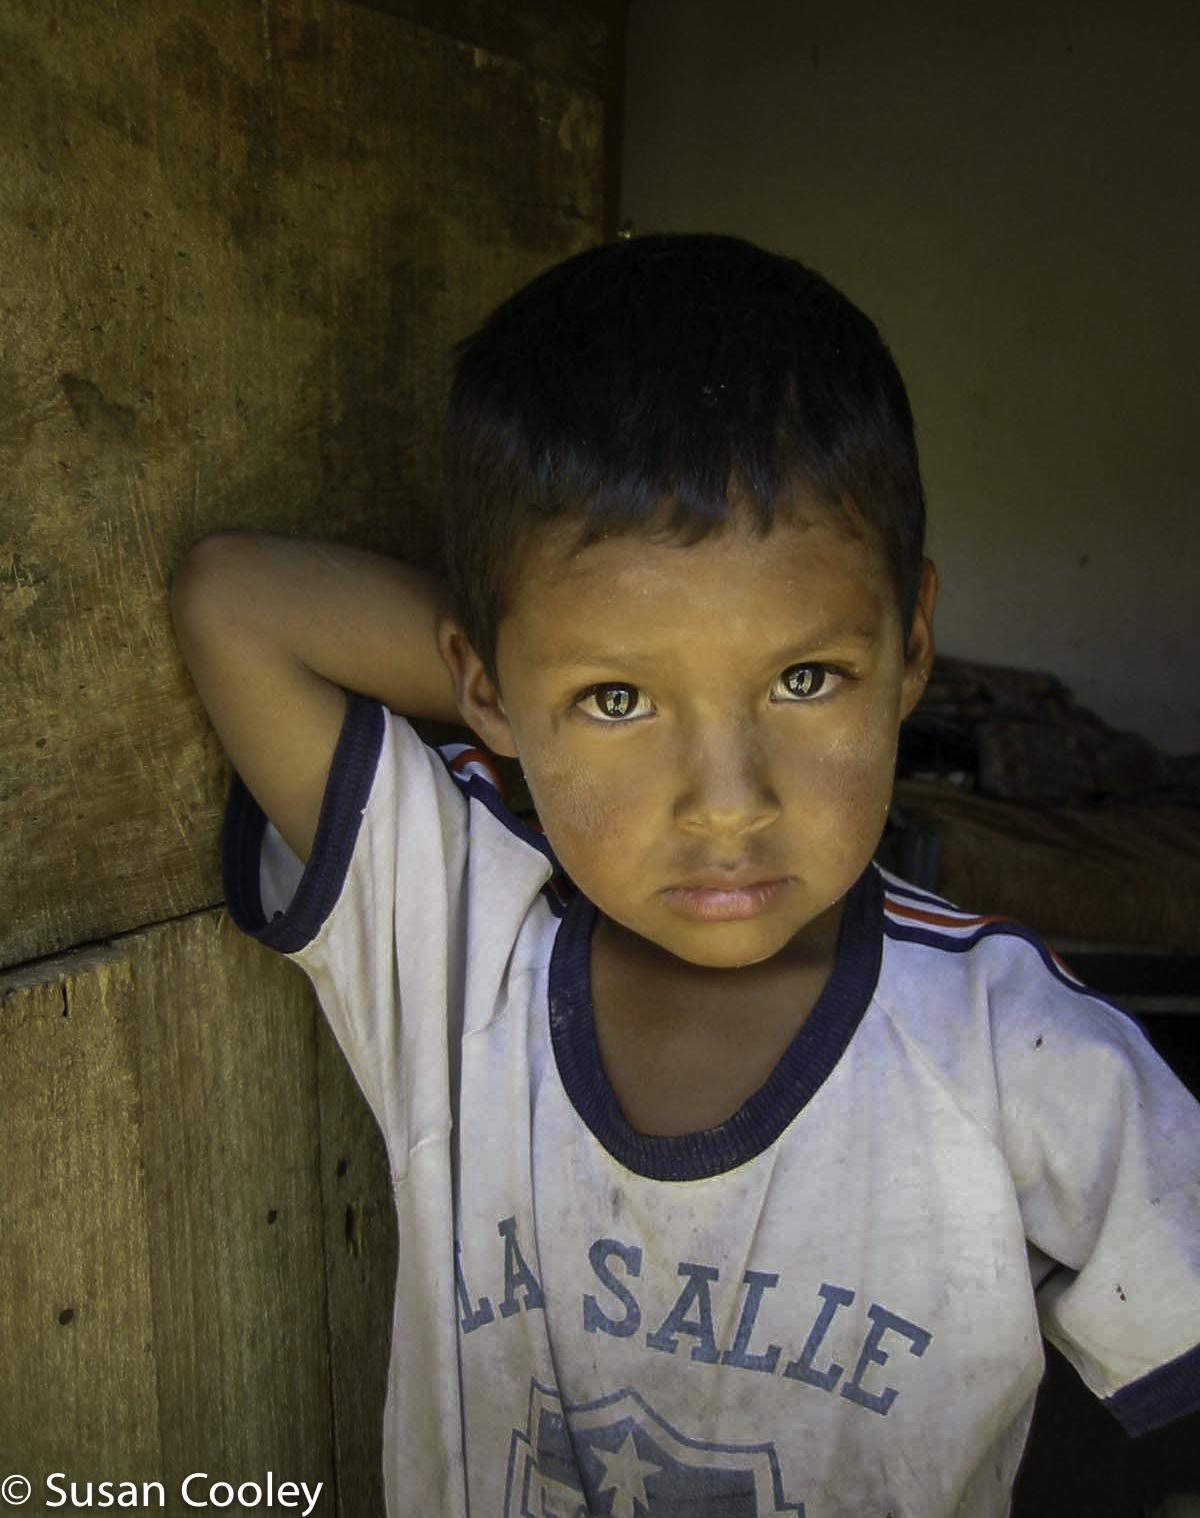 Bolivian Boy in the doorway.